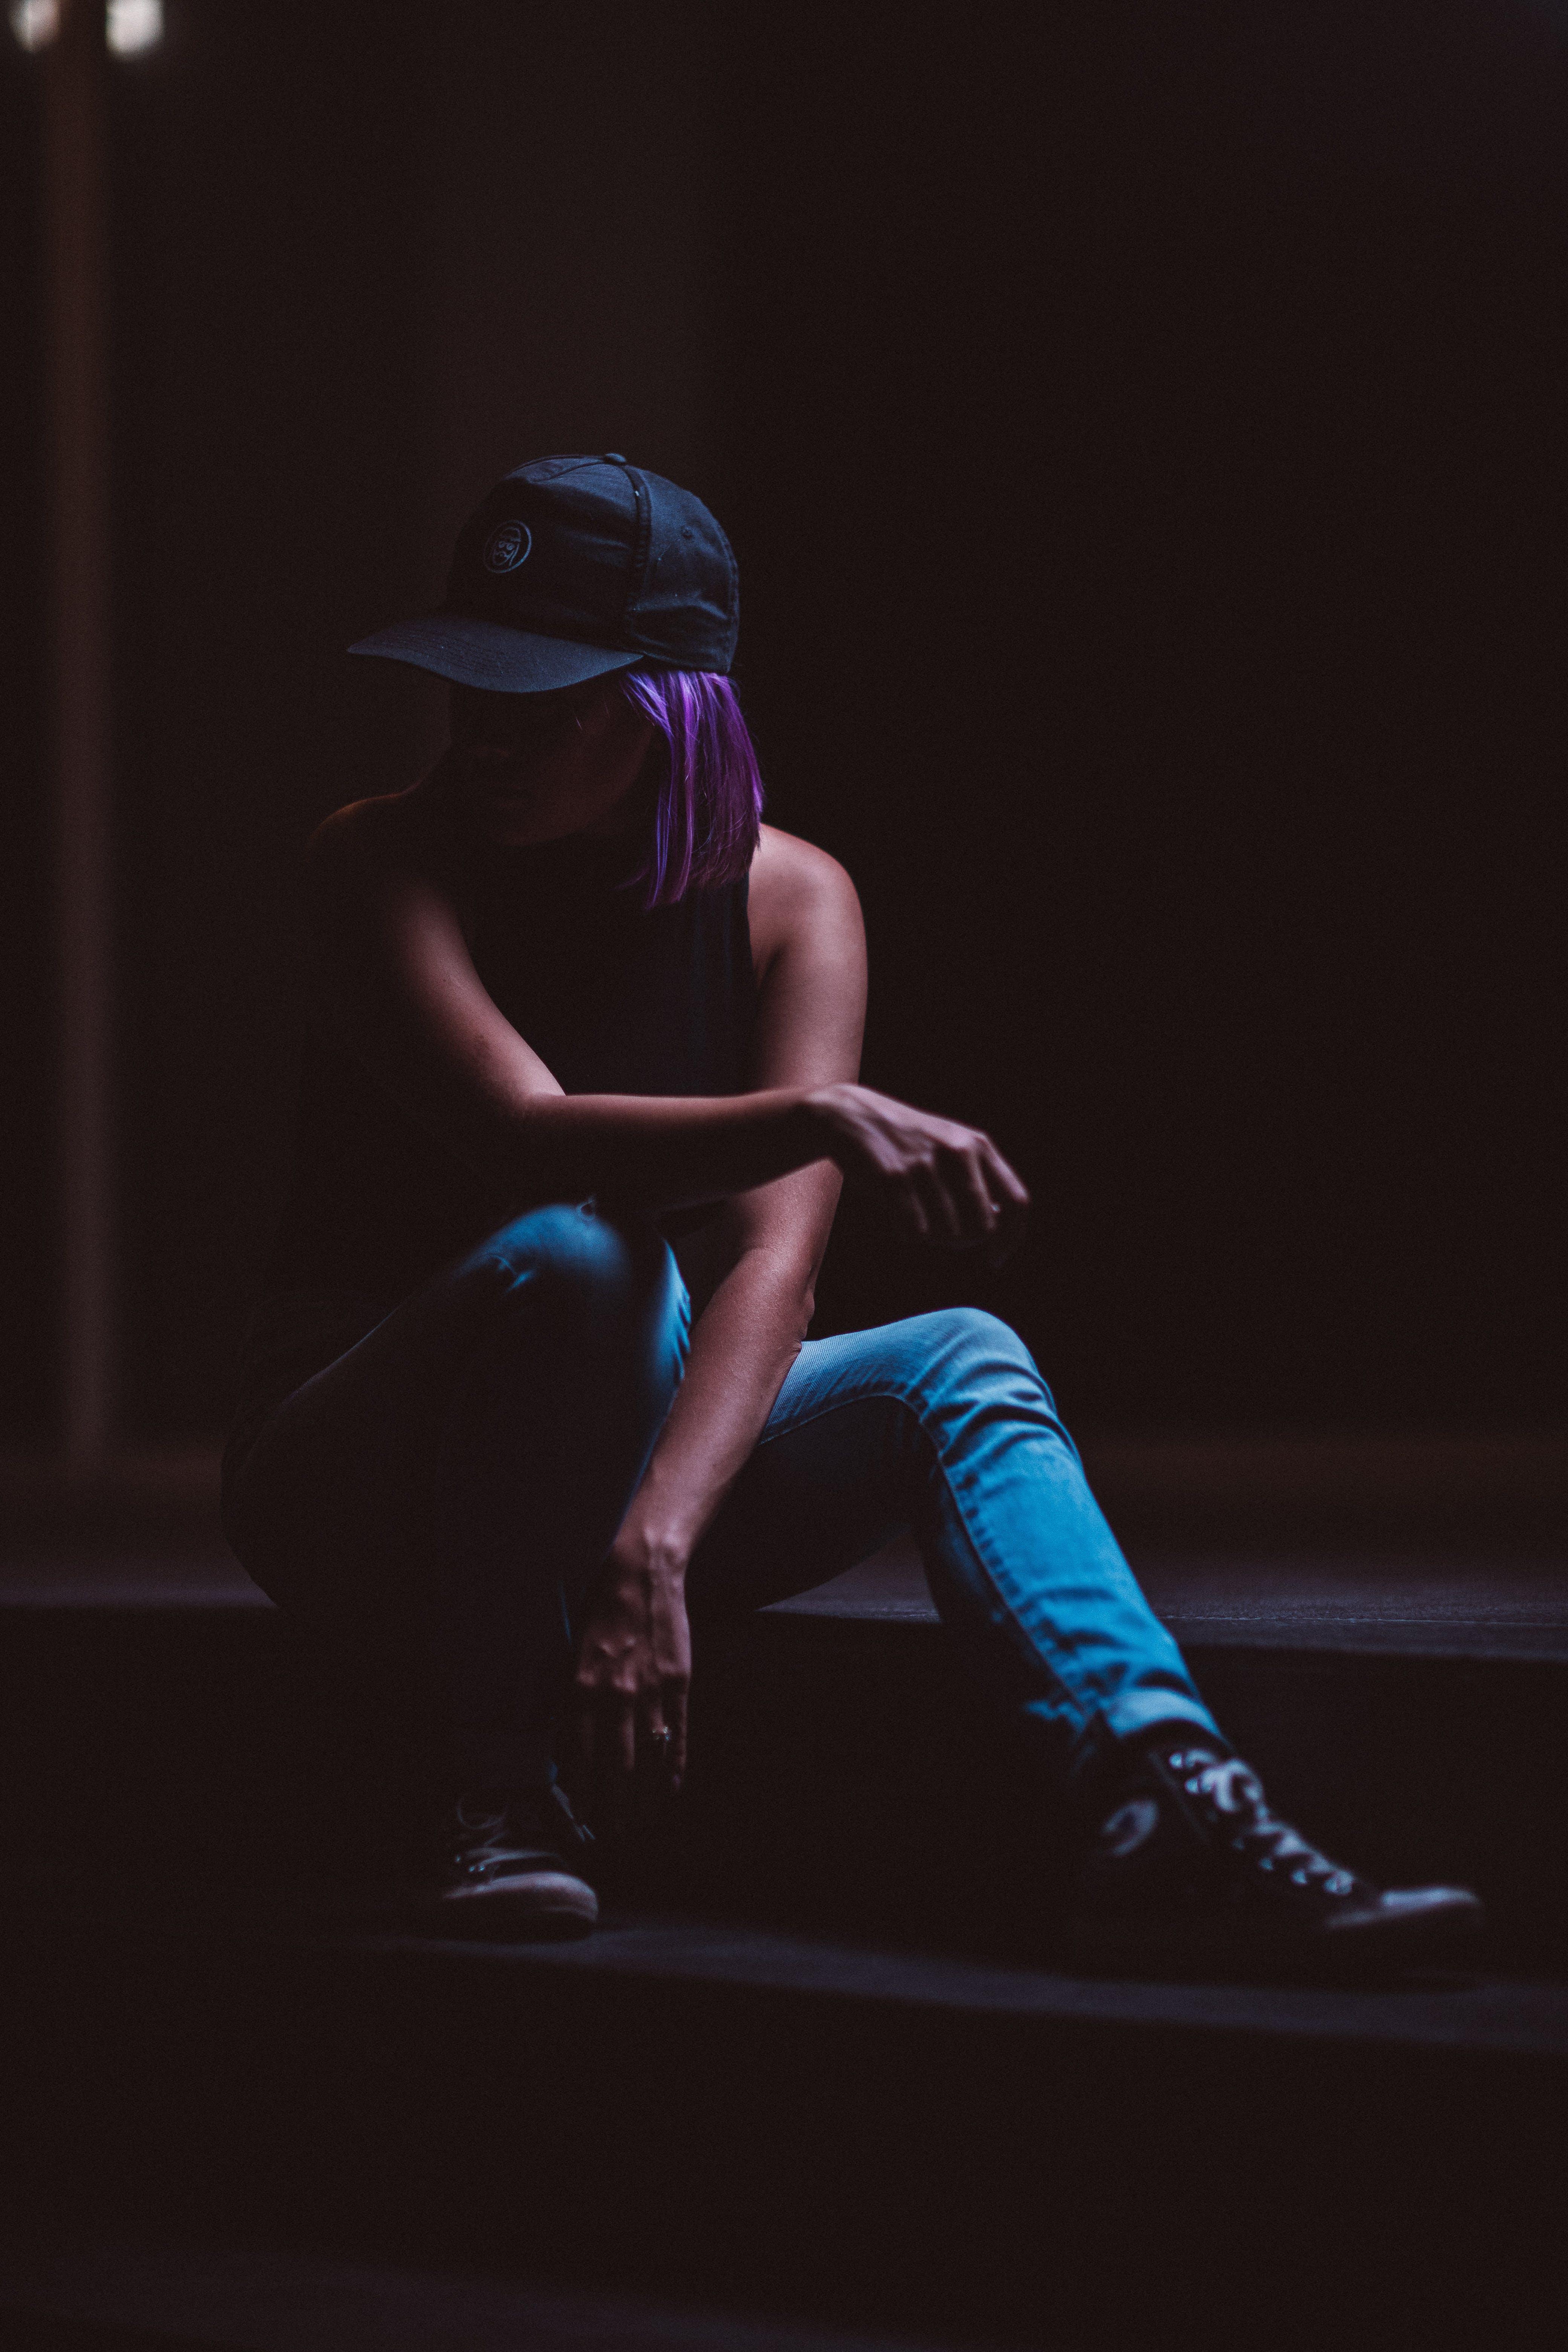 Gratis lagerfoto af Converse, fra siden, hat, kasket